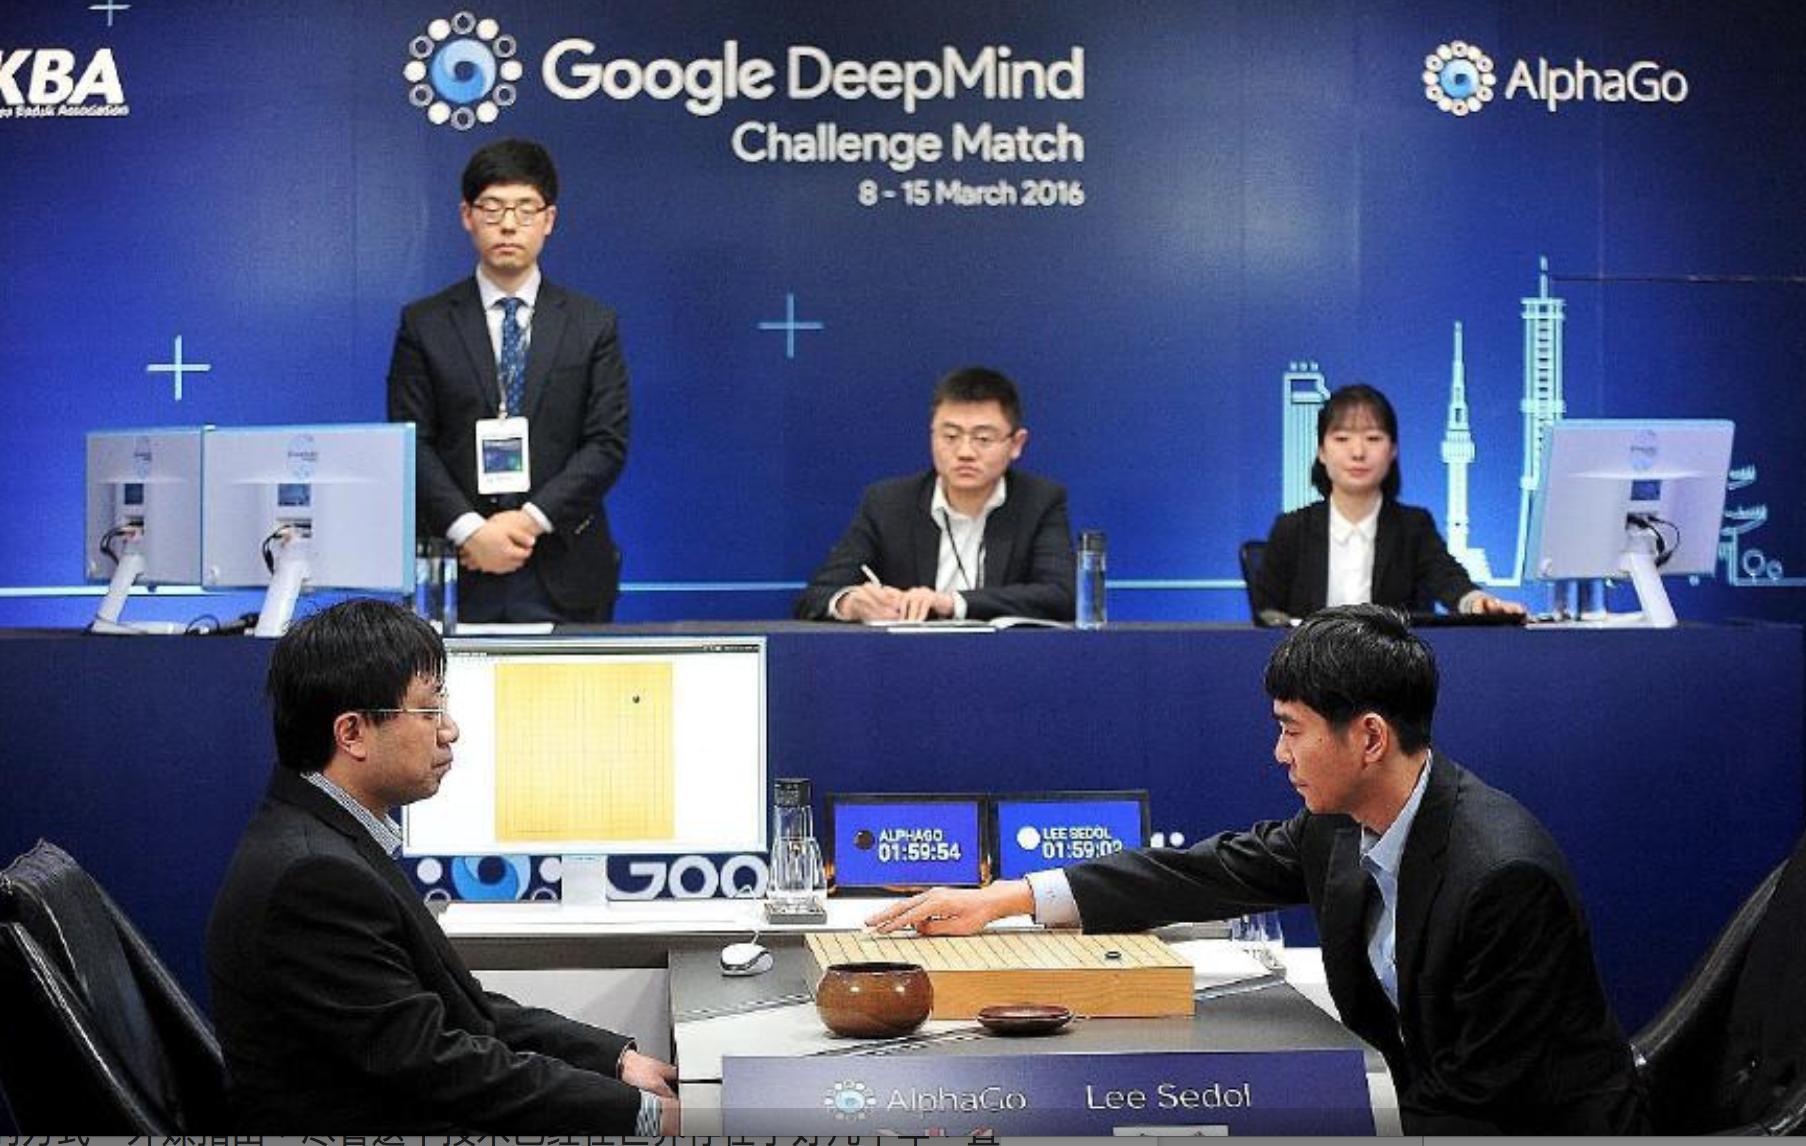 2017科技业五大突破 外媒还点名了微信和旷视